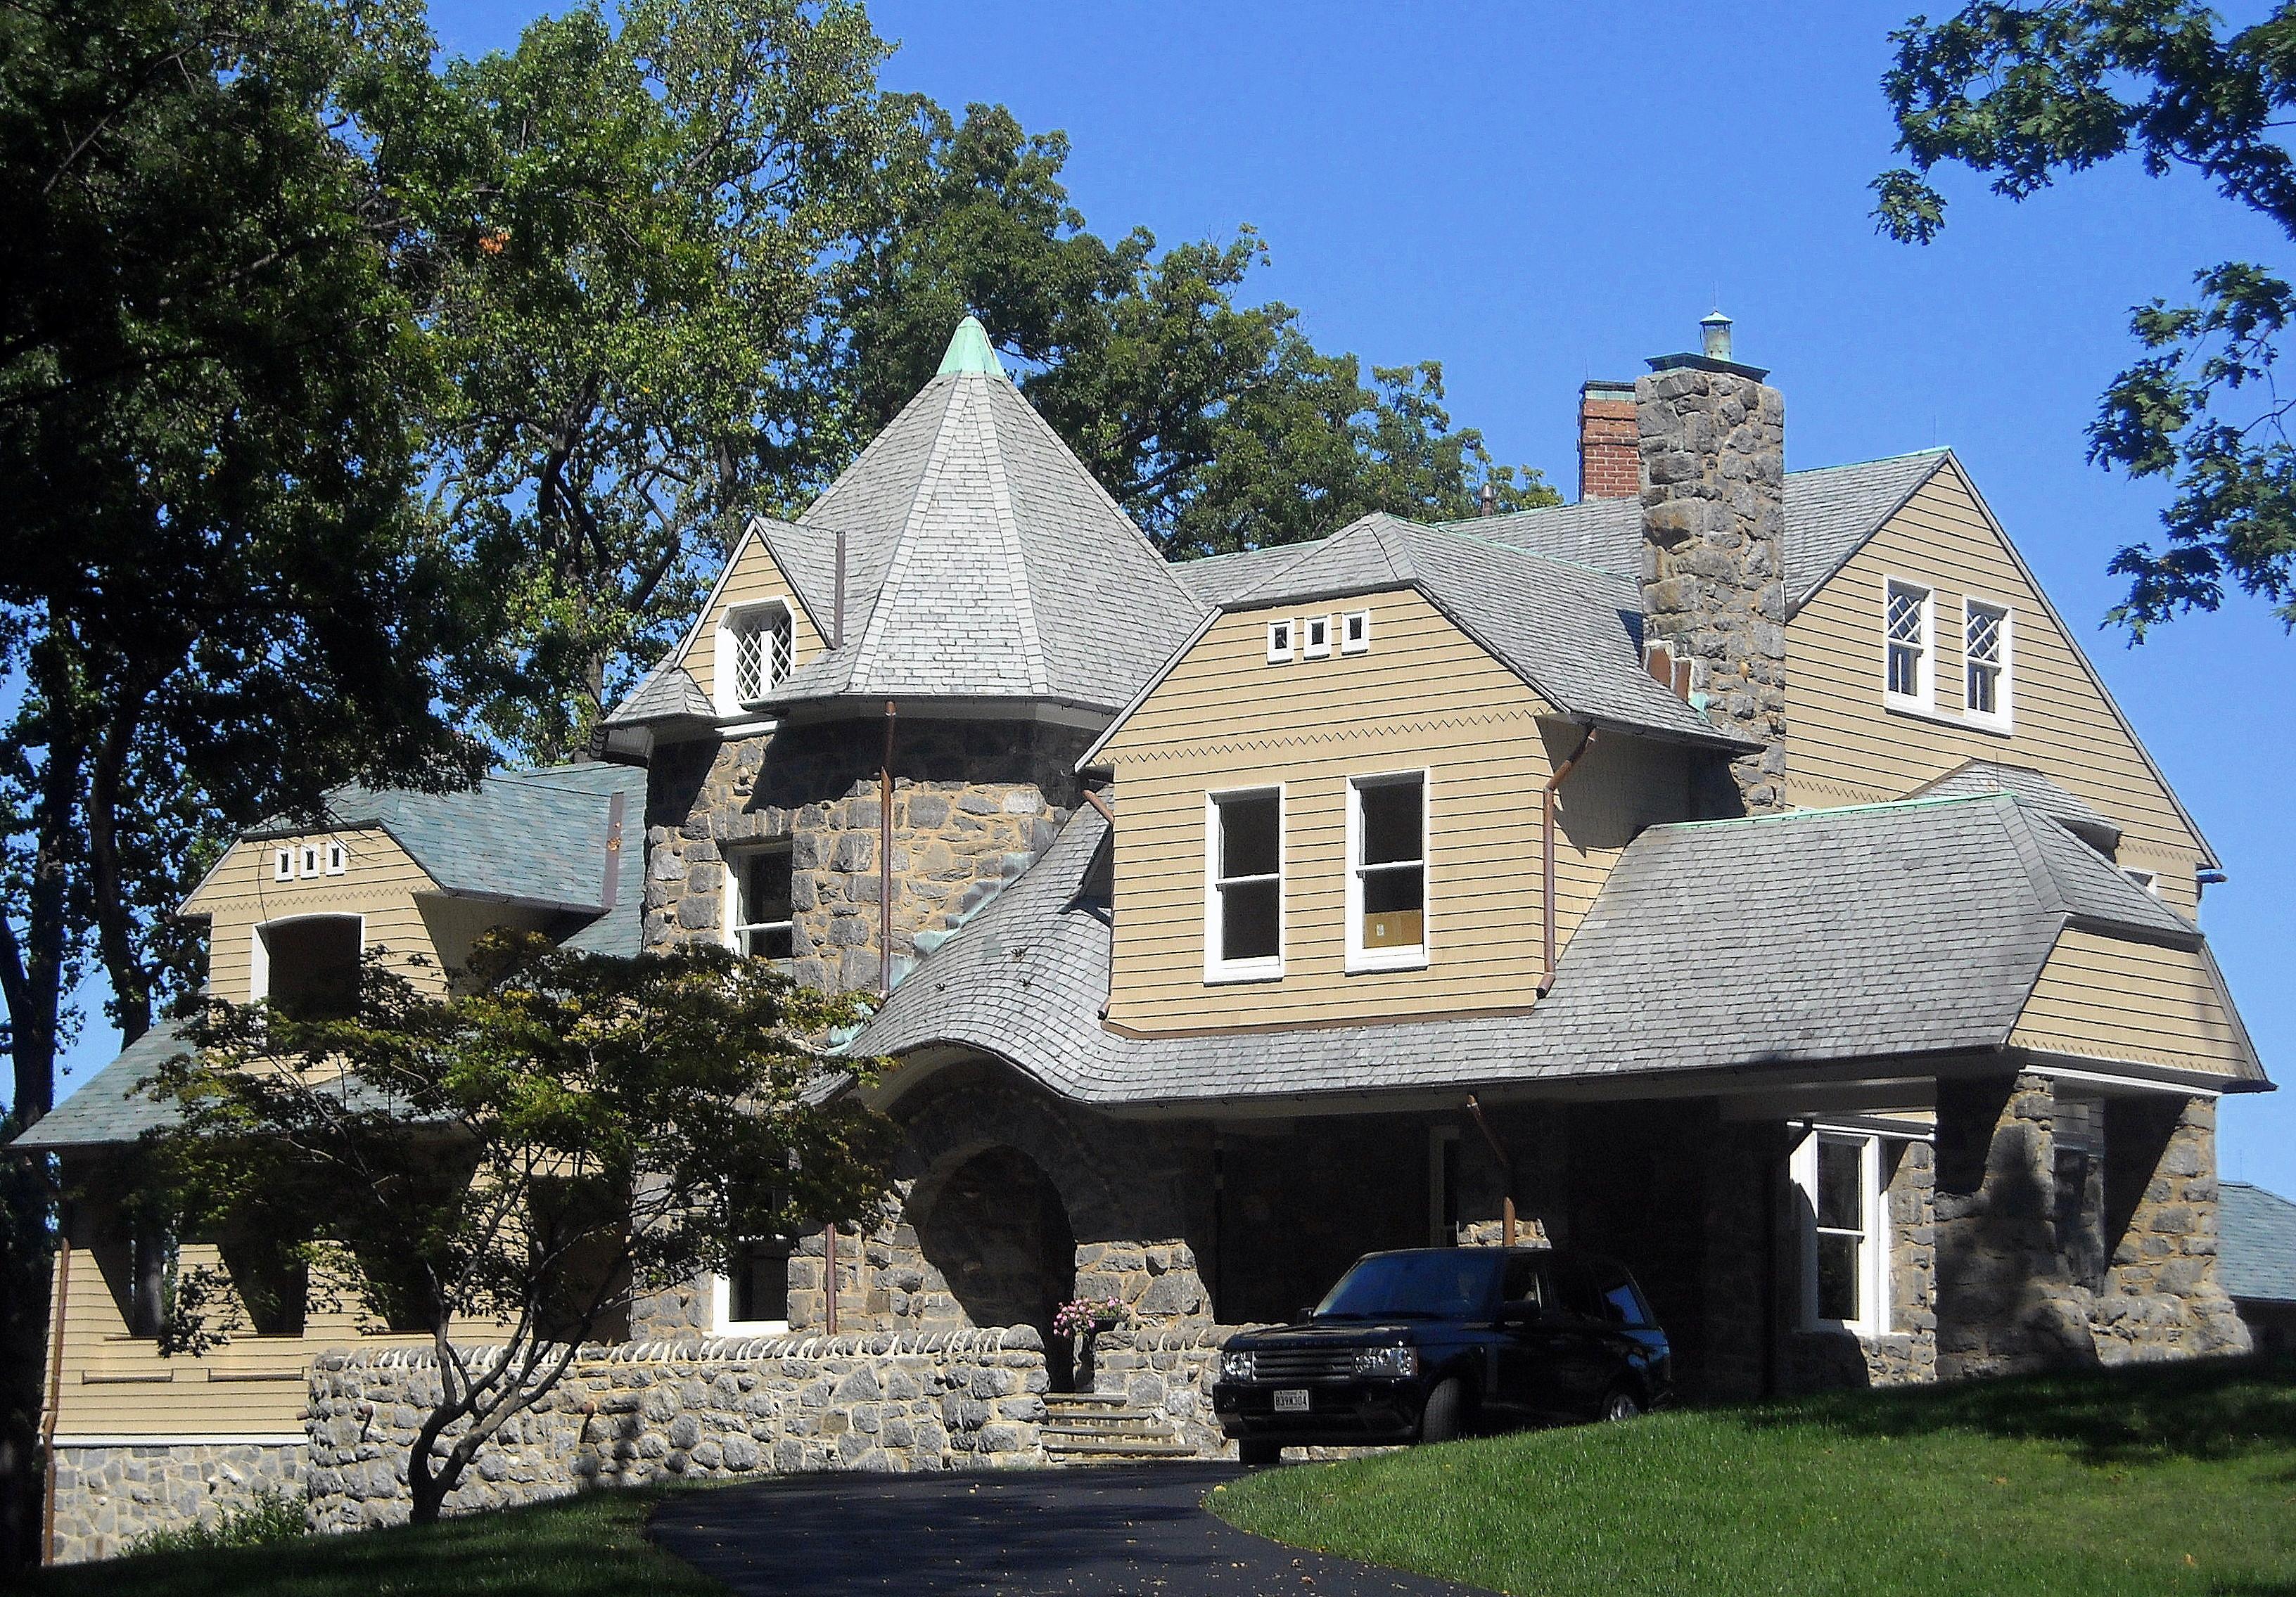 File:Owl's_Nest_ _Washington,_D.C on English Cottage Style Homes